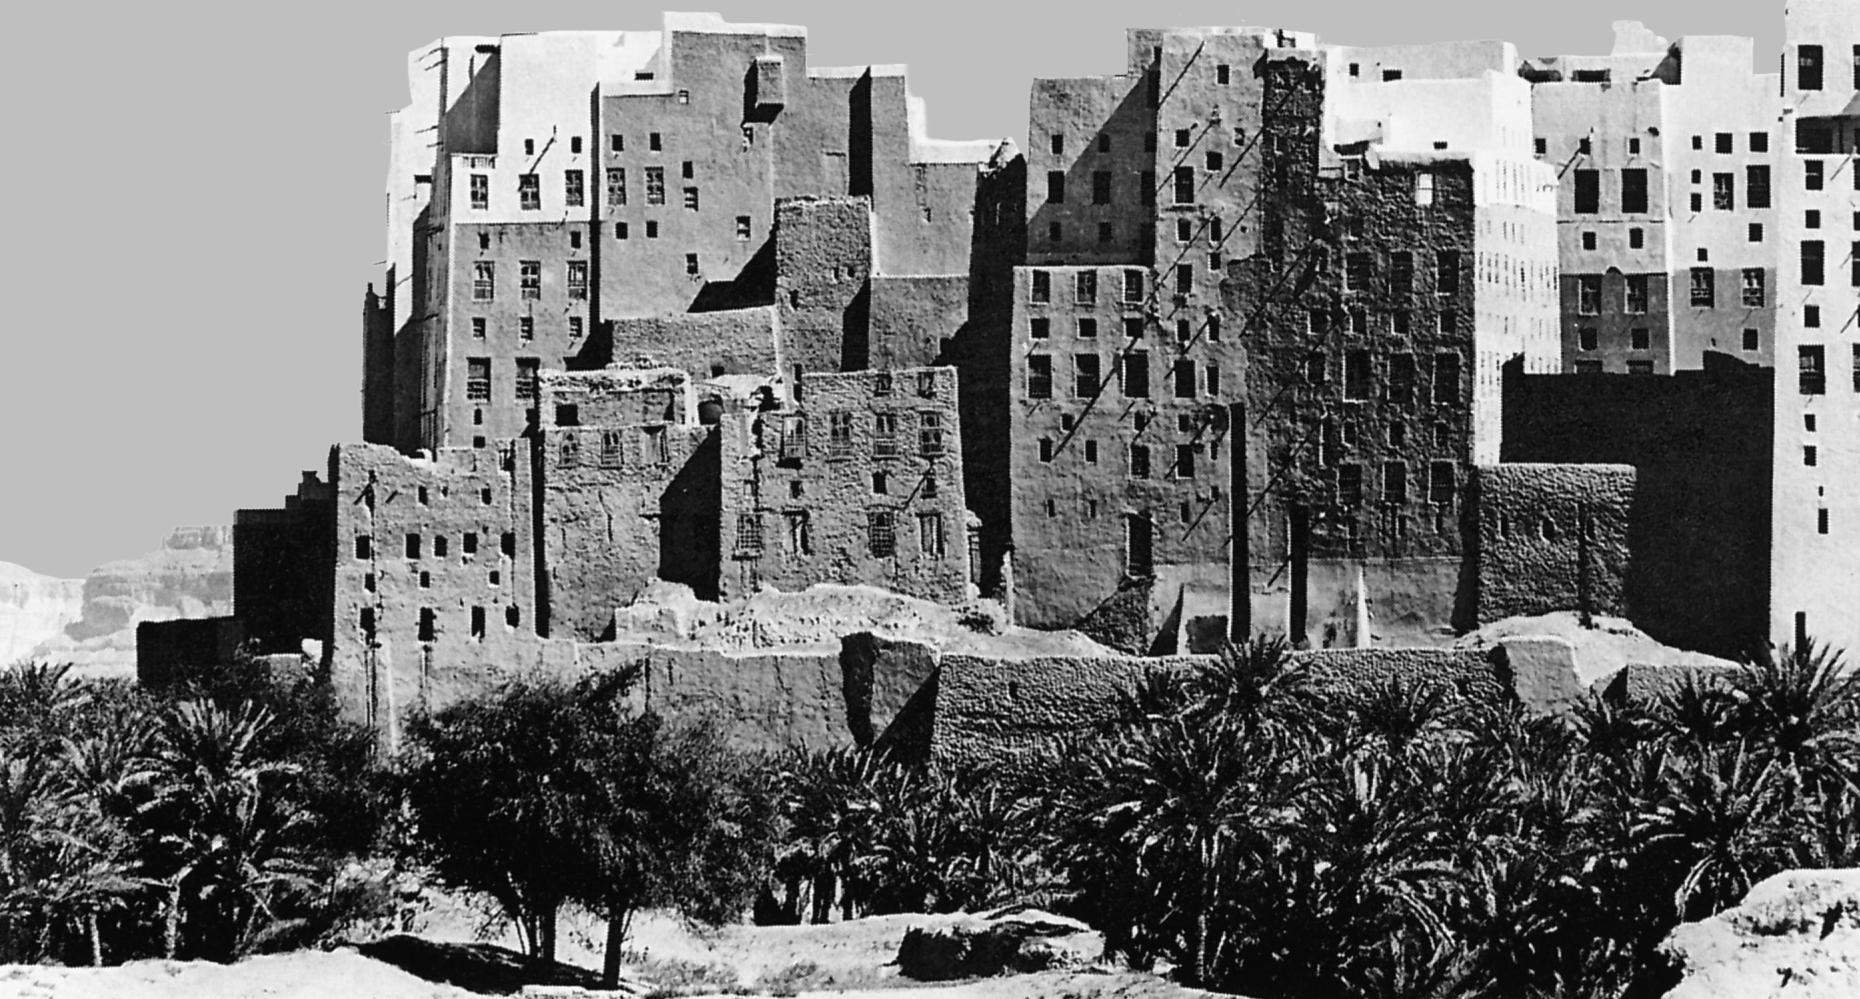 شهر تاریخی شایبام در یمن، قرن 15 میلادی